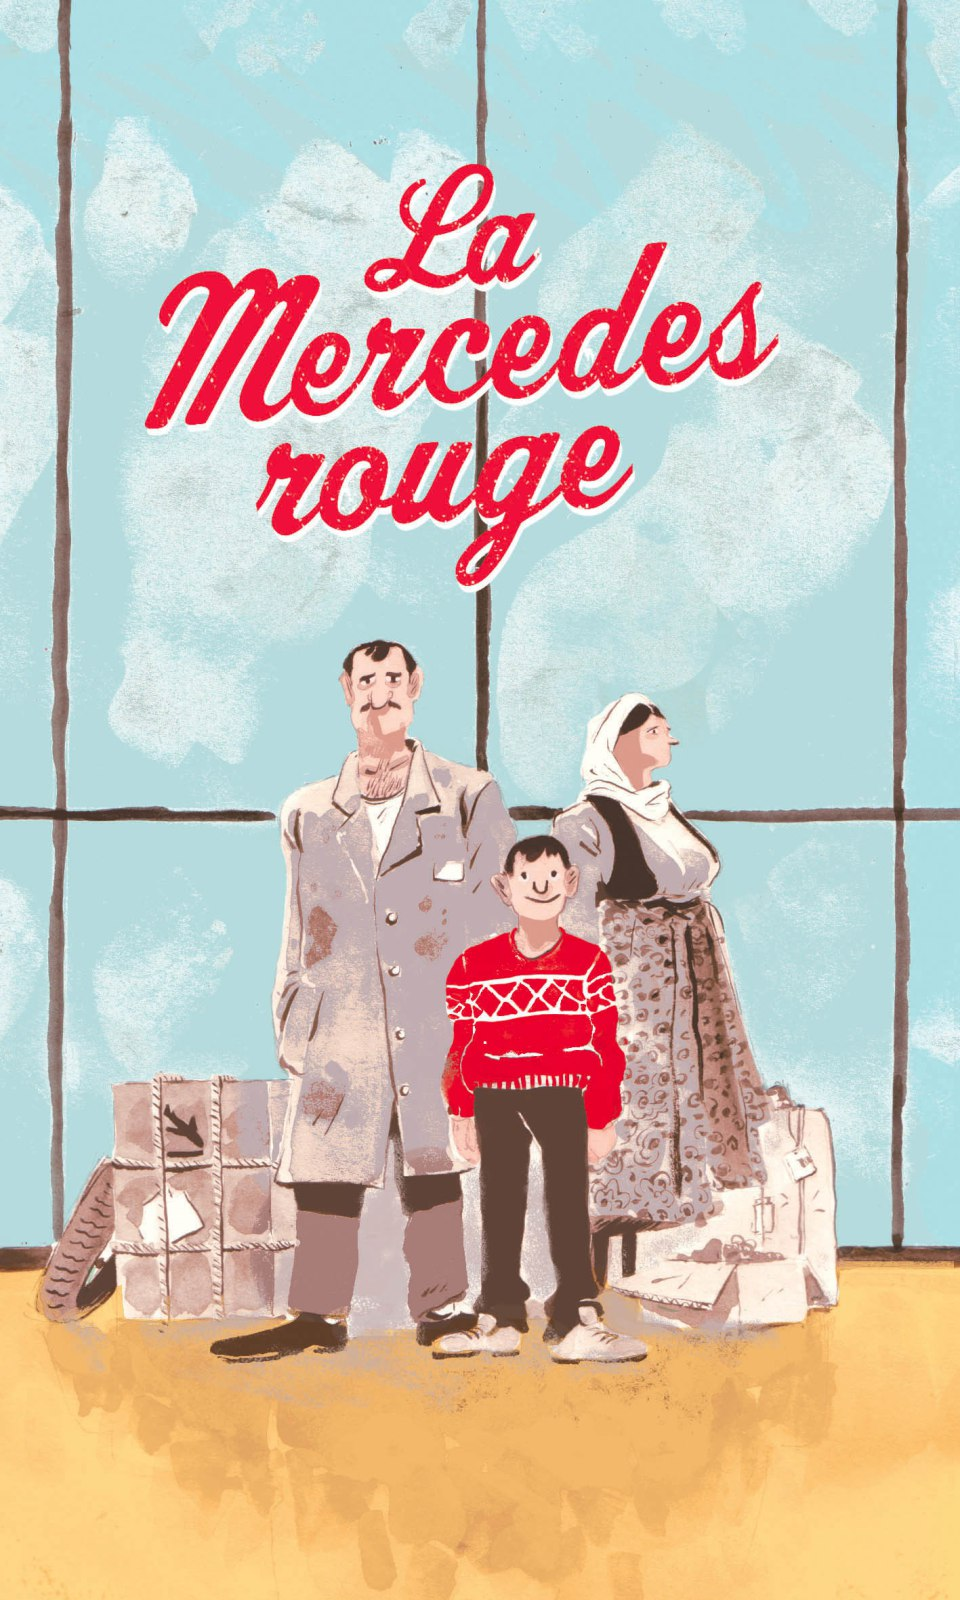 Mercedesrouge